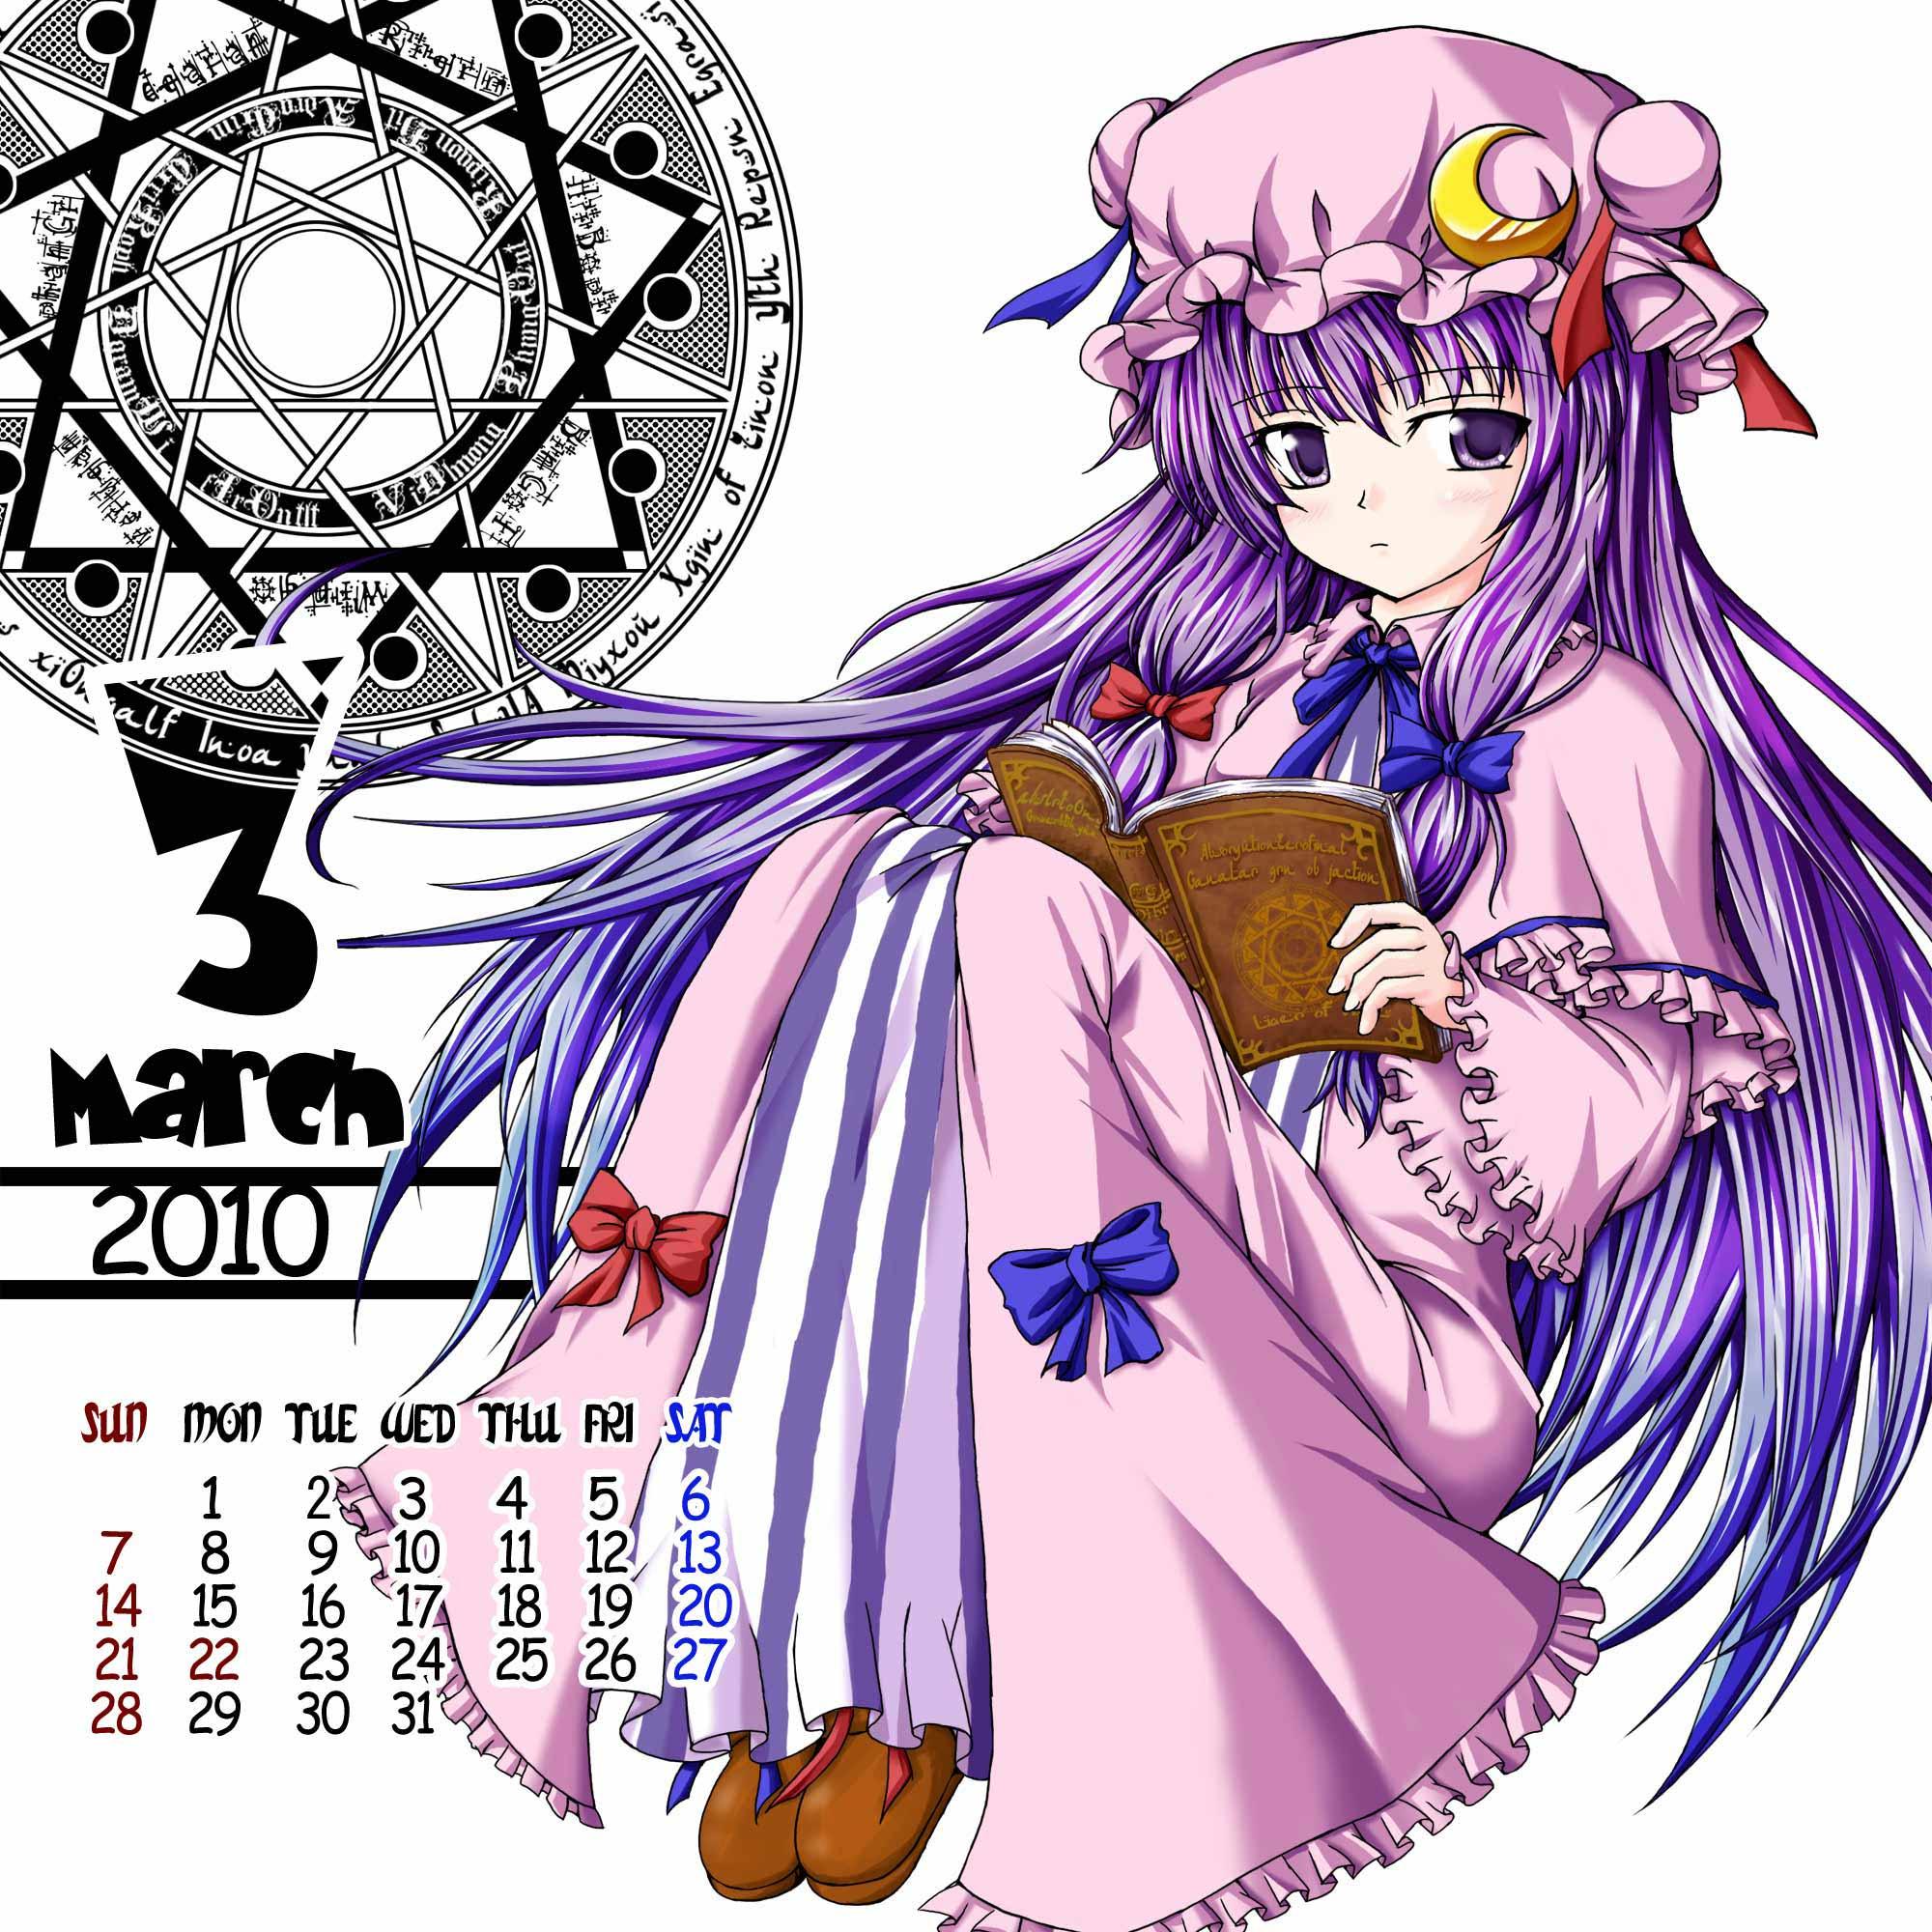 2010カレンダー(パチュ3月)